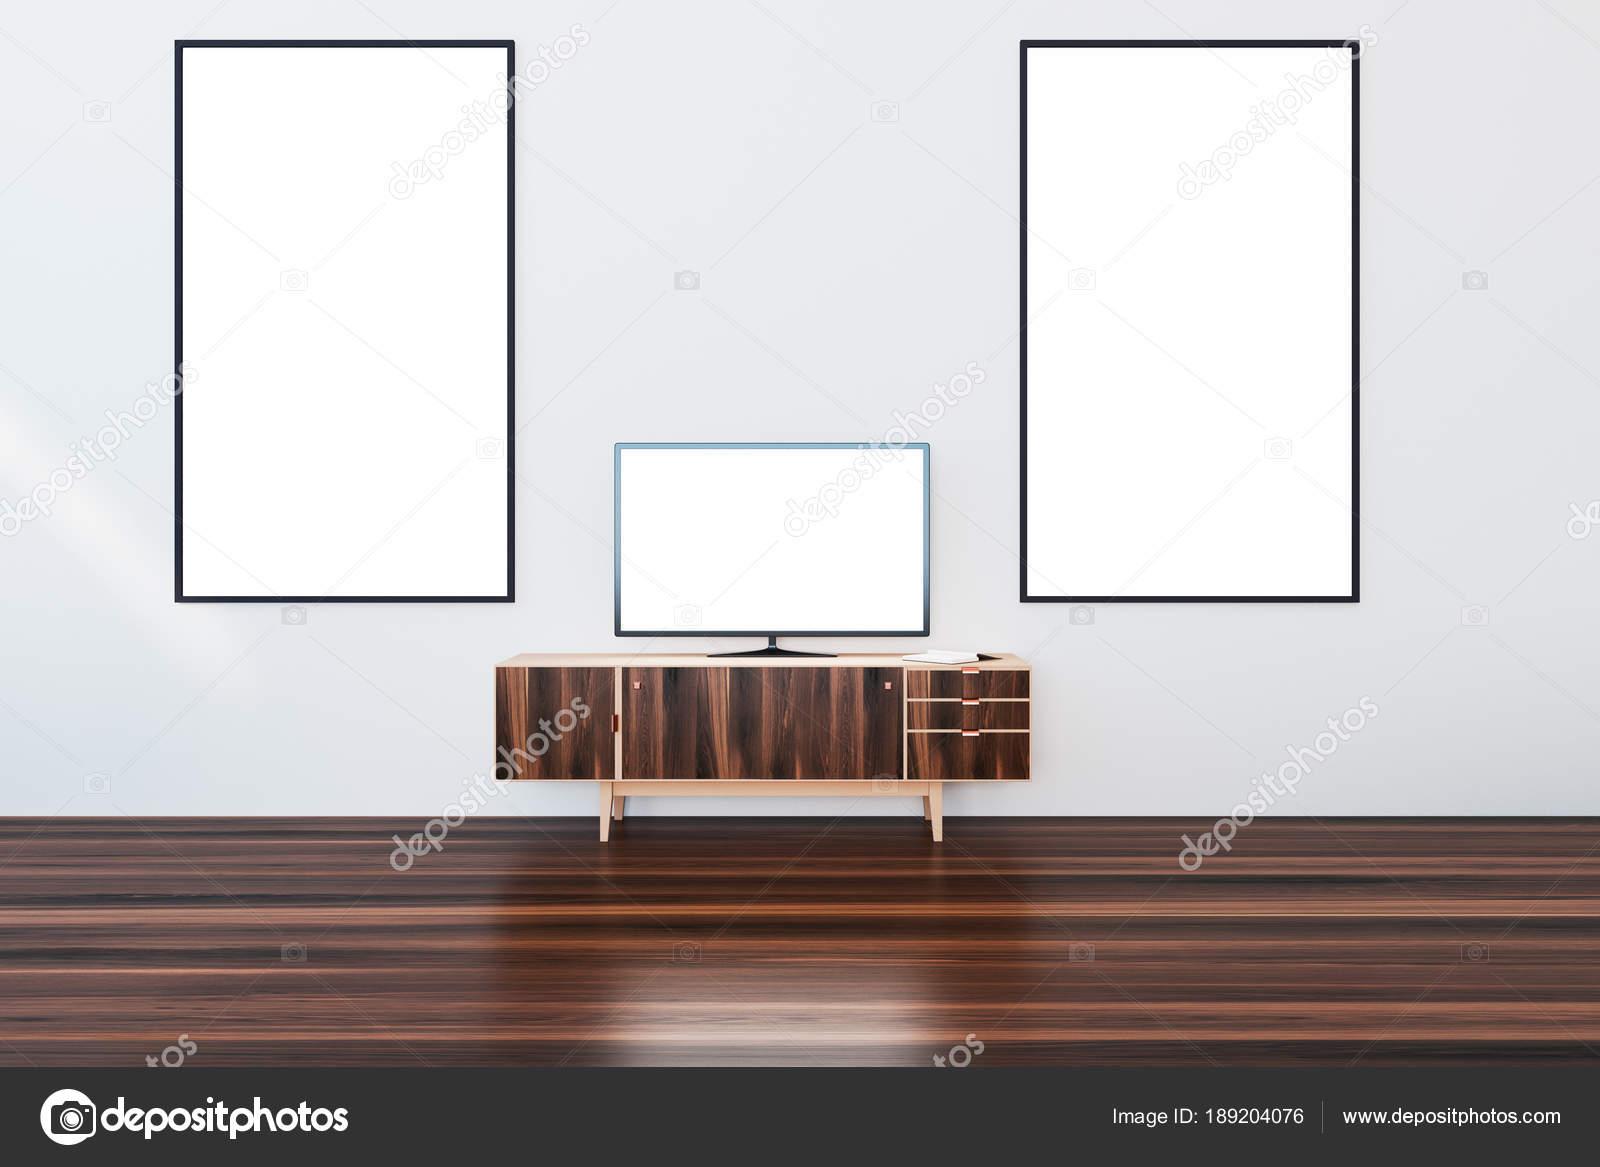 Witte Kast Woonkamer : Witte houten kast woonkamer posters u stockfoto denisismagilov